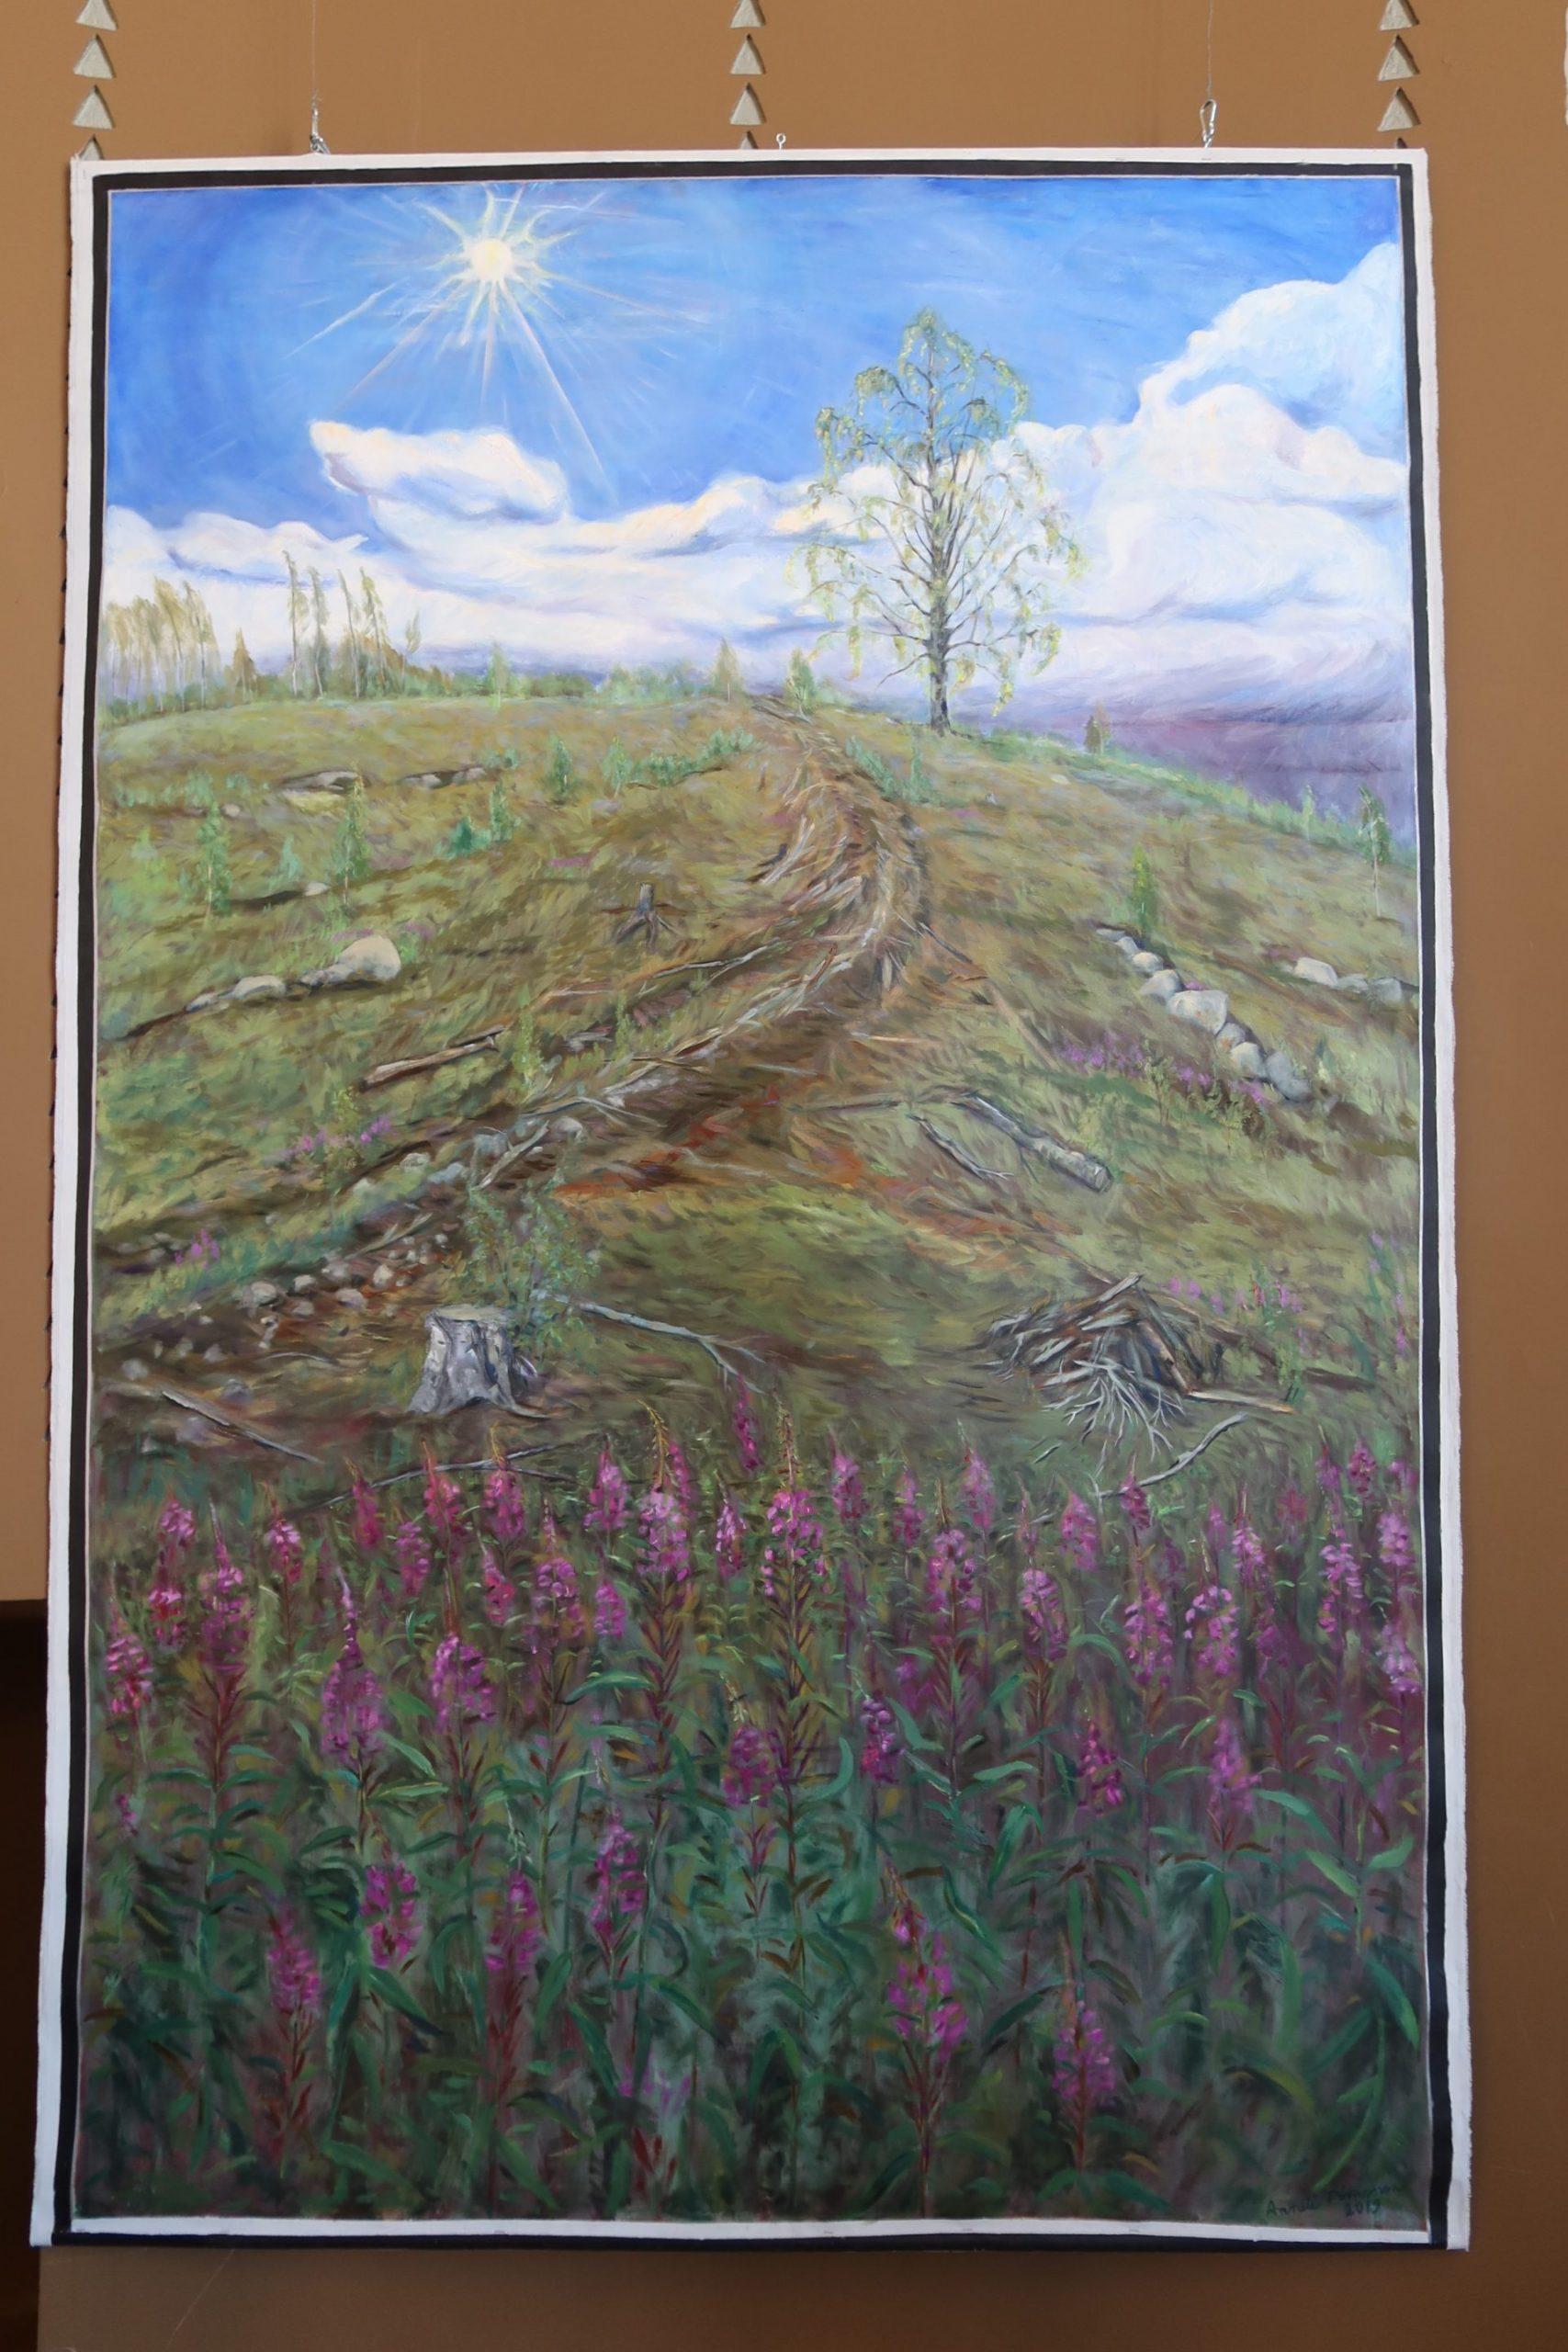 Maalauksessa on koivu mäen päällä, Aurinko paistaa ja mäellä kasvaa kukkia.